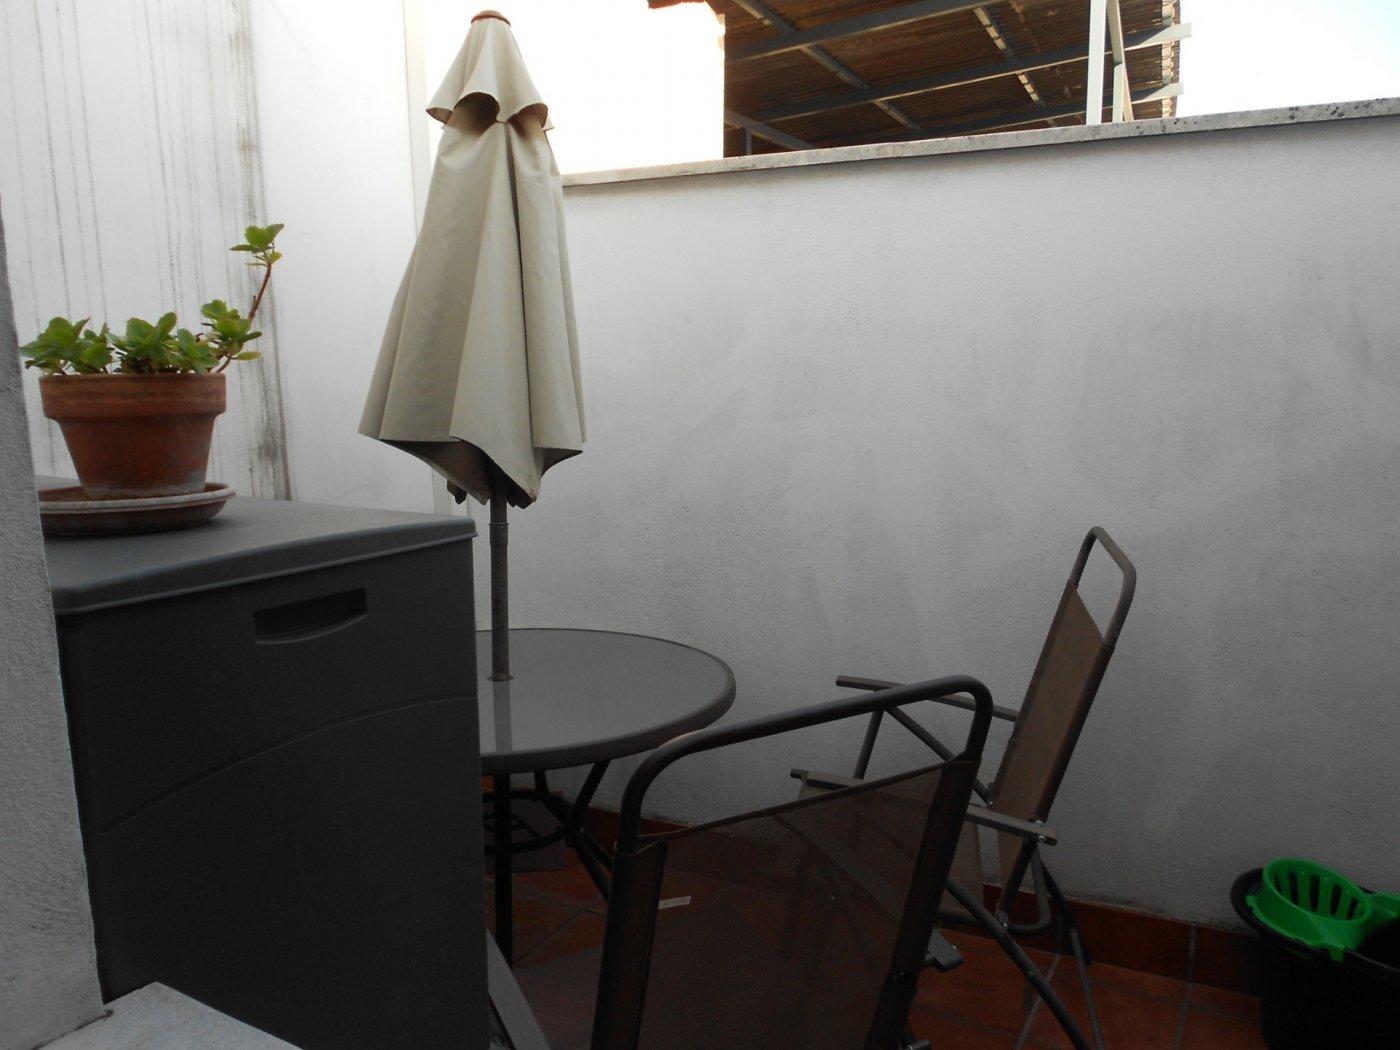 Casa adosada entre ollerÍas y san agustÍn - imagenInmueble18